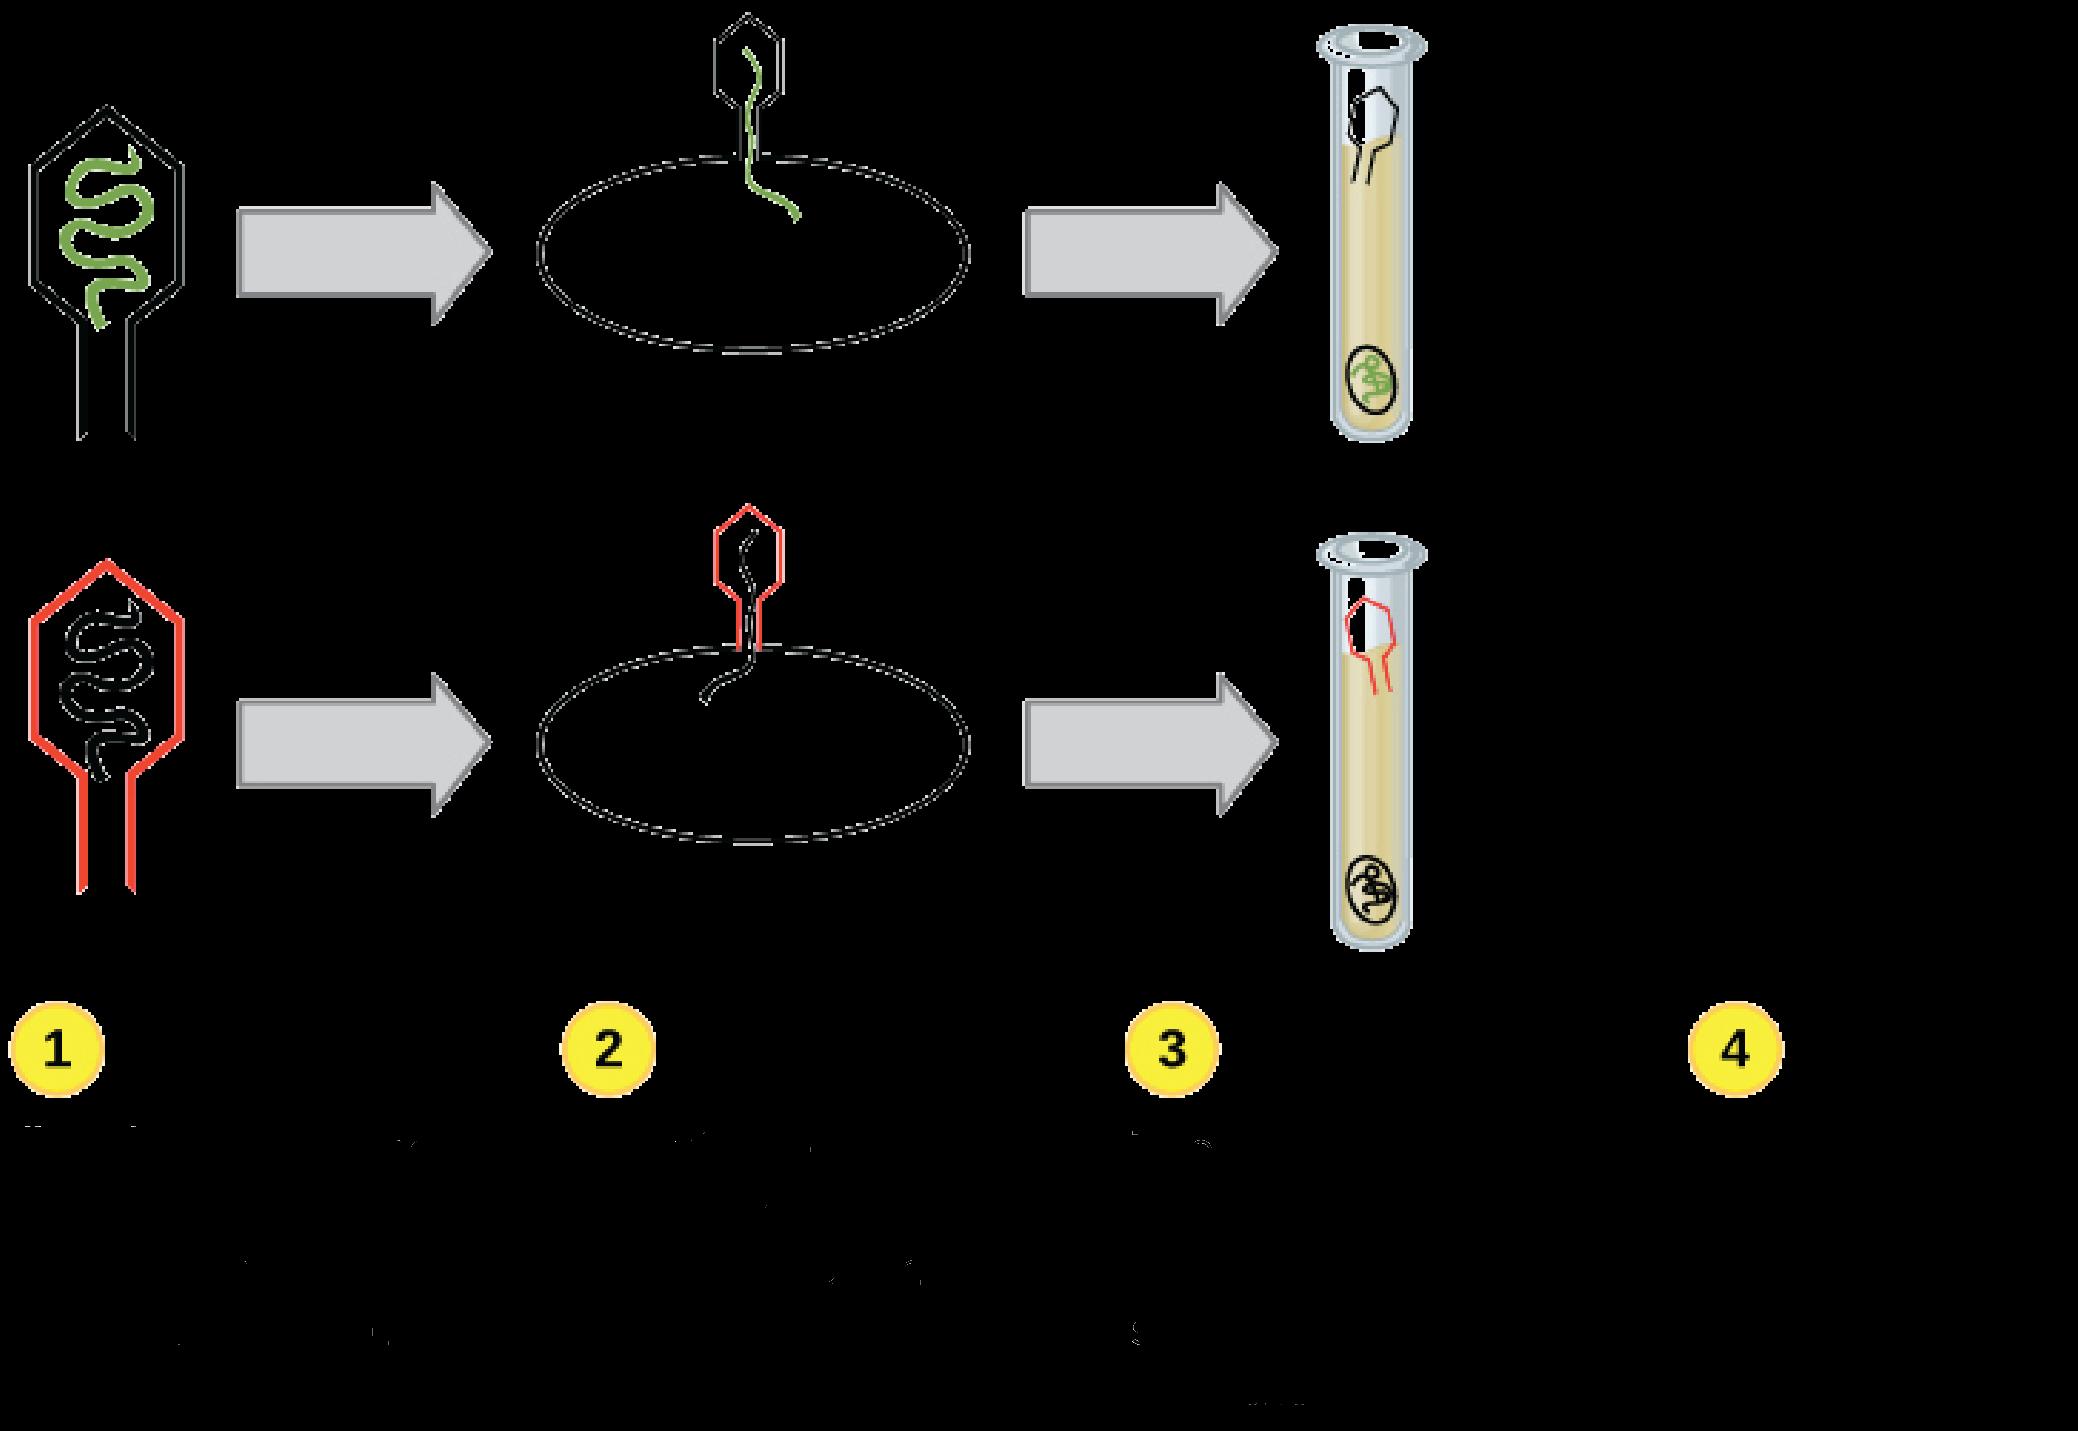 Molekularny Mechanizm Replikacji Dna Artykul Khan Academy